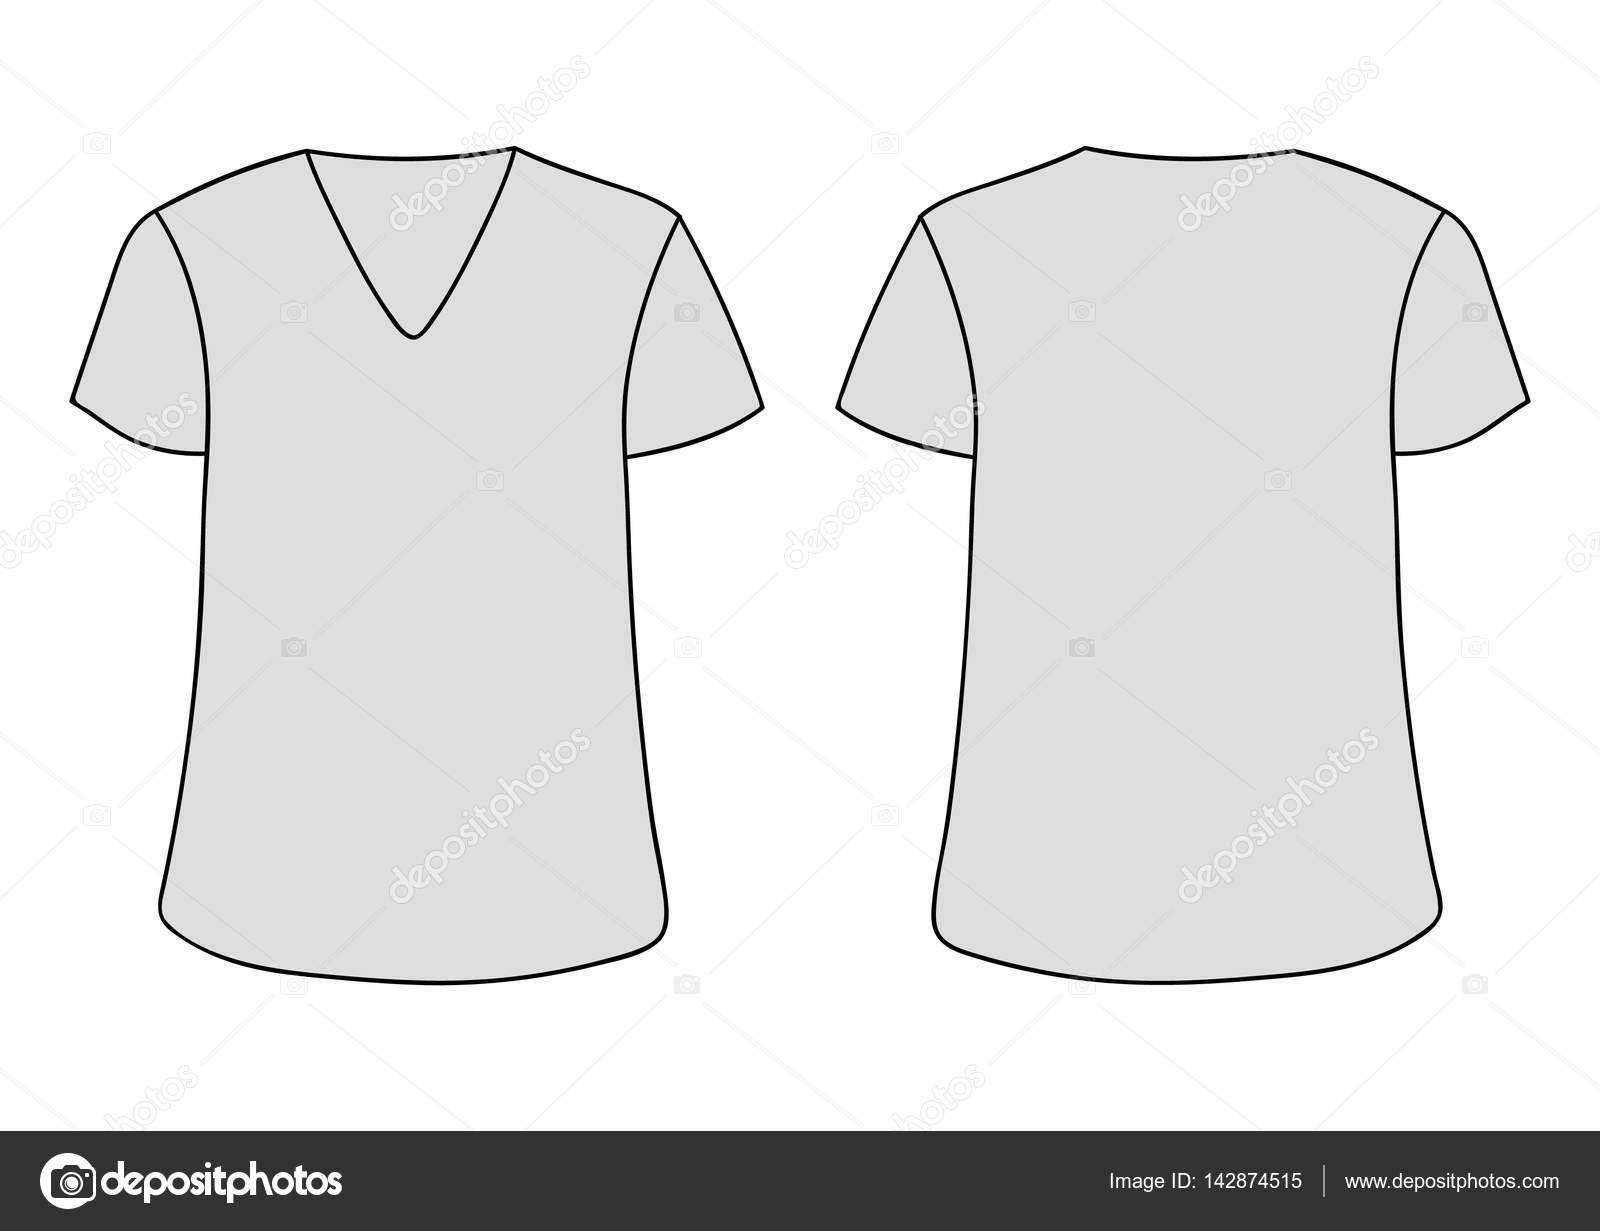 Vektor grau unisex V Ausschnitt T-shirt Vorlage. Vorderseite ...